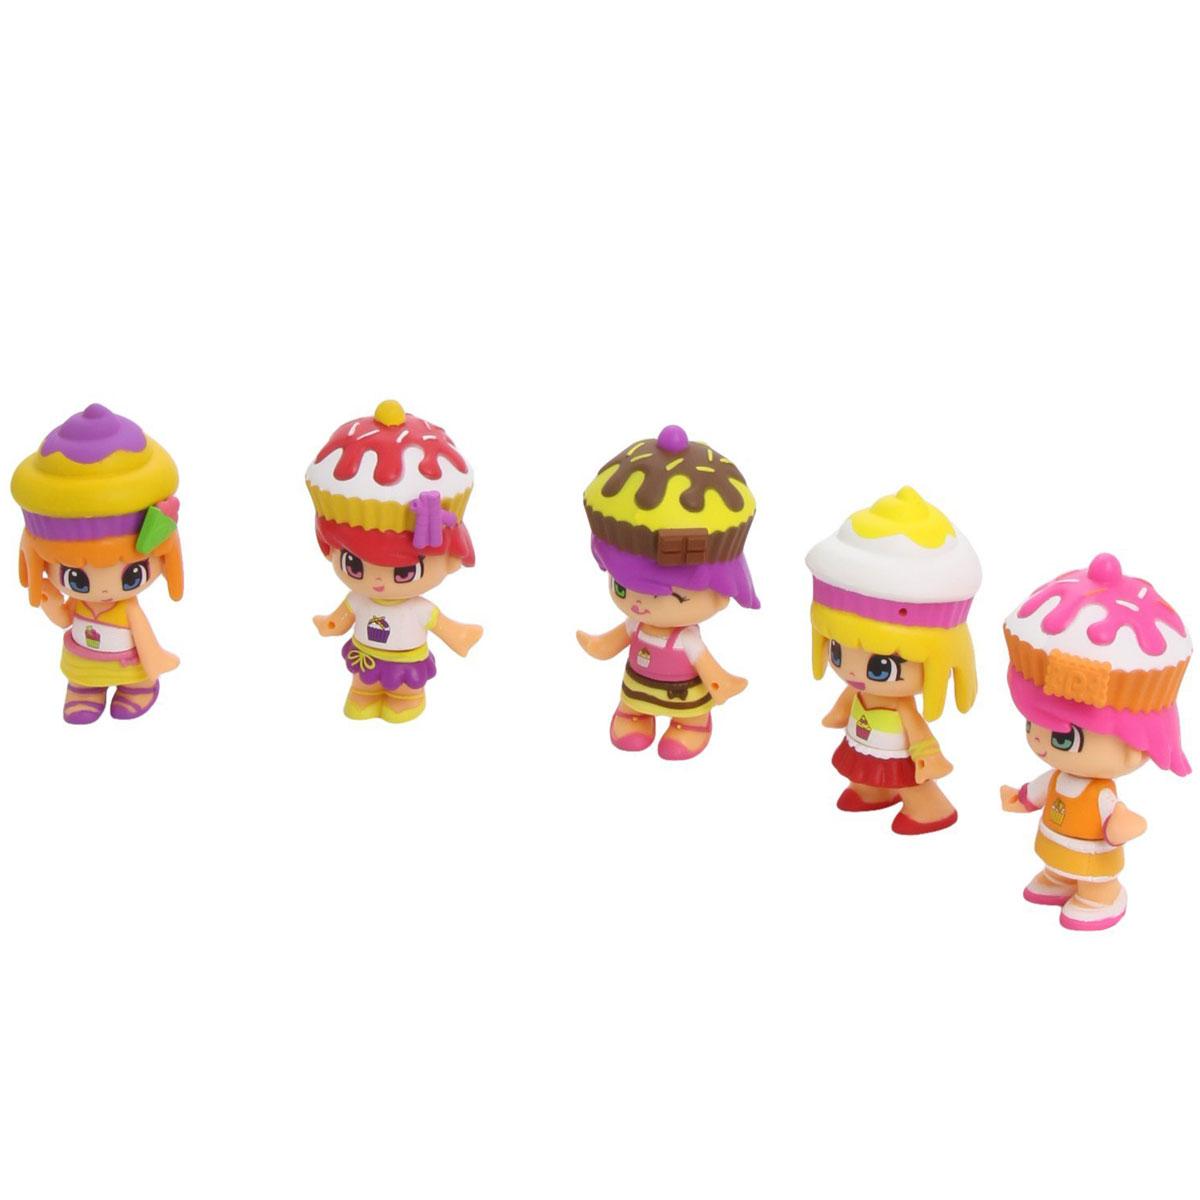 Famosa Игровой набор с мини-куклами Пинипон Веселые пирожные700010261Игровой набор Famosa Пинипон: Веселые пирожные станет отличным подарком для каждой девочки. Набор включает в себя 5 кукол Пинипон. У каждой куколки имеются сумочка и пирожное. Малышки Пинипон очень любят сладкое, и они решили даже одеться, как свои любимые пирожные. Все куклы оснащены запахом сладостей и шапочками-десертами. Куклы Пинипон имеют два выражения лица. Нужно просто снять парик, повернуть голову куклы на 180 градусов, а затем надеть парик, и кукла будет выглядеть по-другому. Также куклы могут меняться друг с другом аксессуарами, нарядами и прическами. Помимо кукол в наборе вы найдете 5 сладких татуировок для девочек. Эти временные татуировки легко наносят на кожу, хорошо держатся и без труда смываются. Они не содержат опасных веществ. Элементы набора поставляются в красивой фигурной коробке, которая оснащена текстильным шнурком для переноски в руке. Порадуйте свою малышку таким замечательным набором.